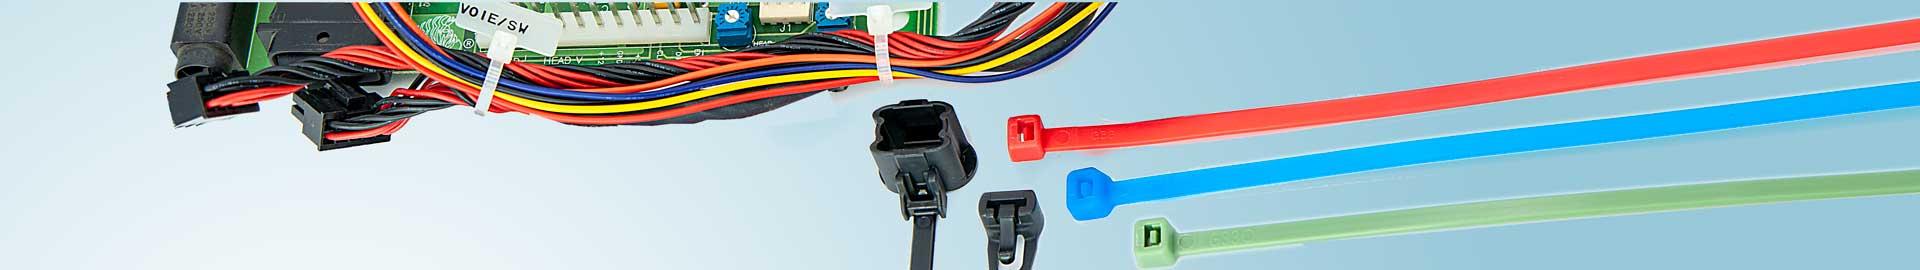 Verschiedene Kabelbinder und weiteres Zubehör